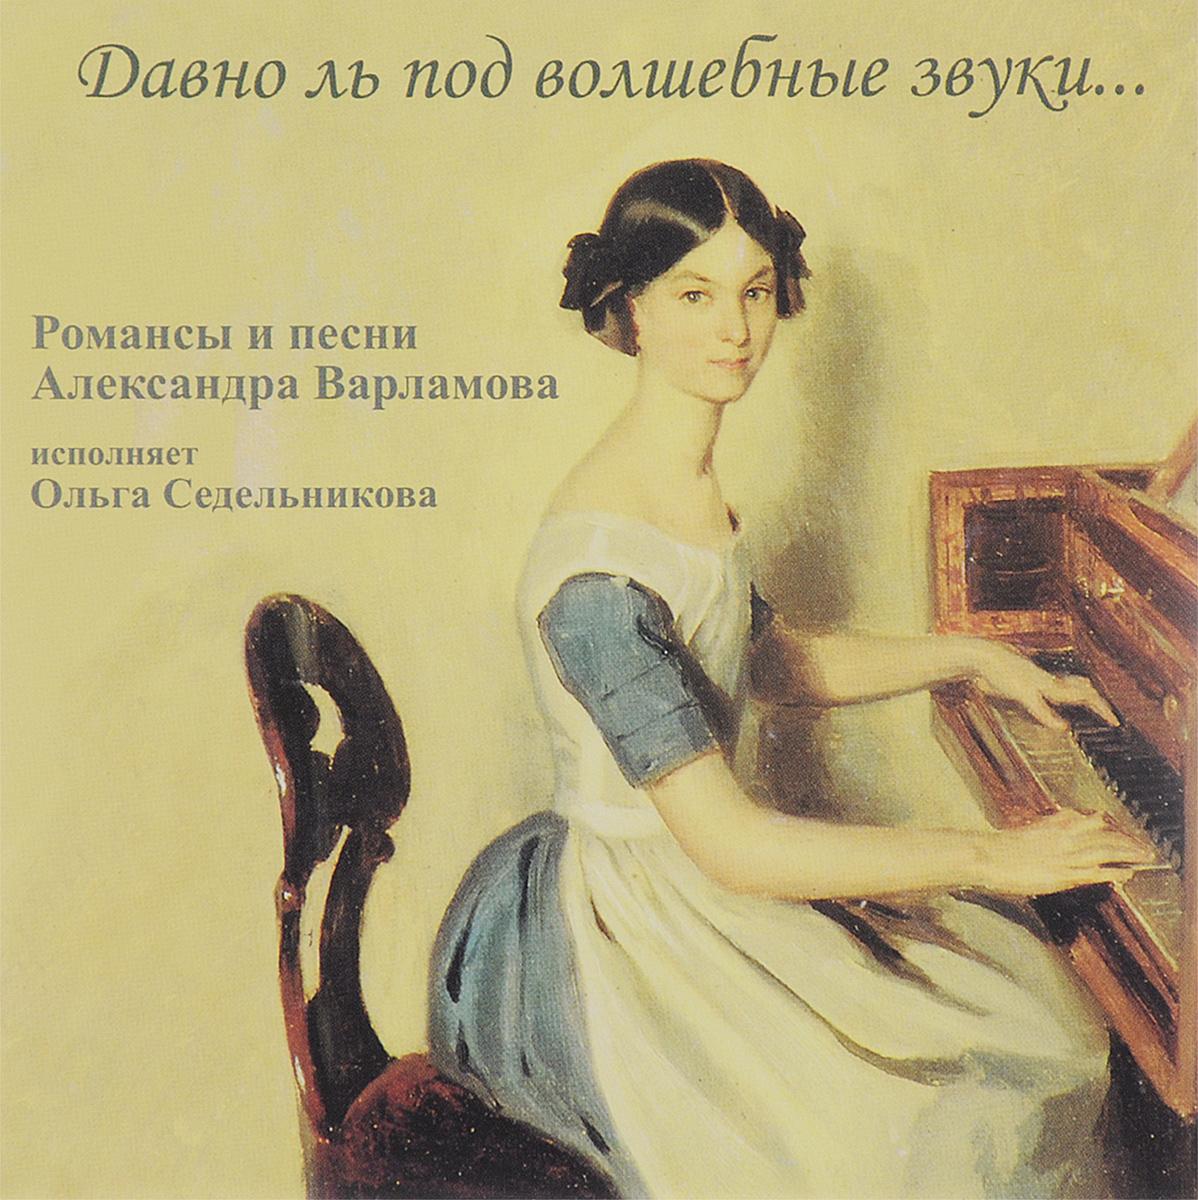 Ольга Седельникова. Давно ль под волшебные звуки...